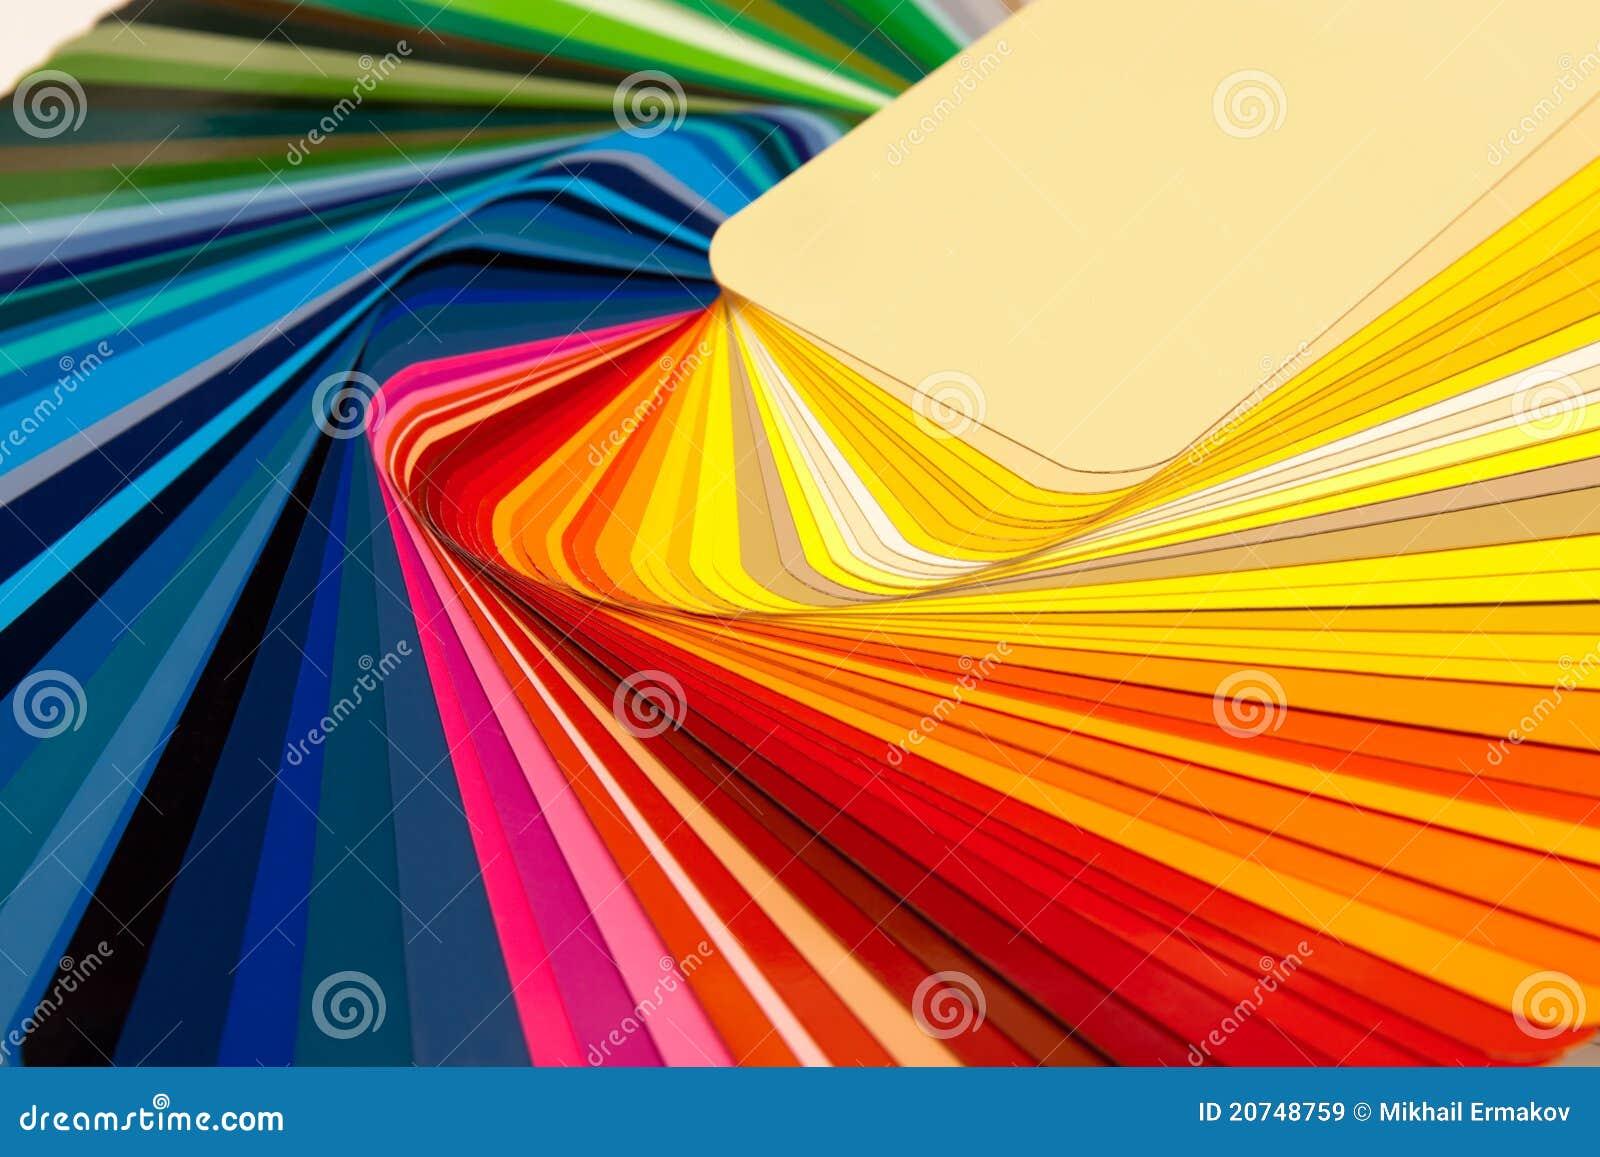 Carte ral de couleur images libres de droits image 20748759 - Echantillon de couleurs de peinture ...